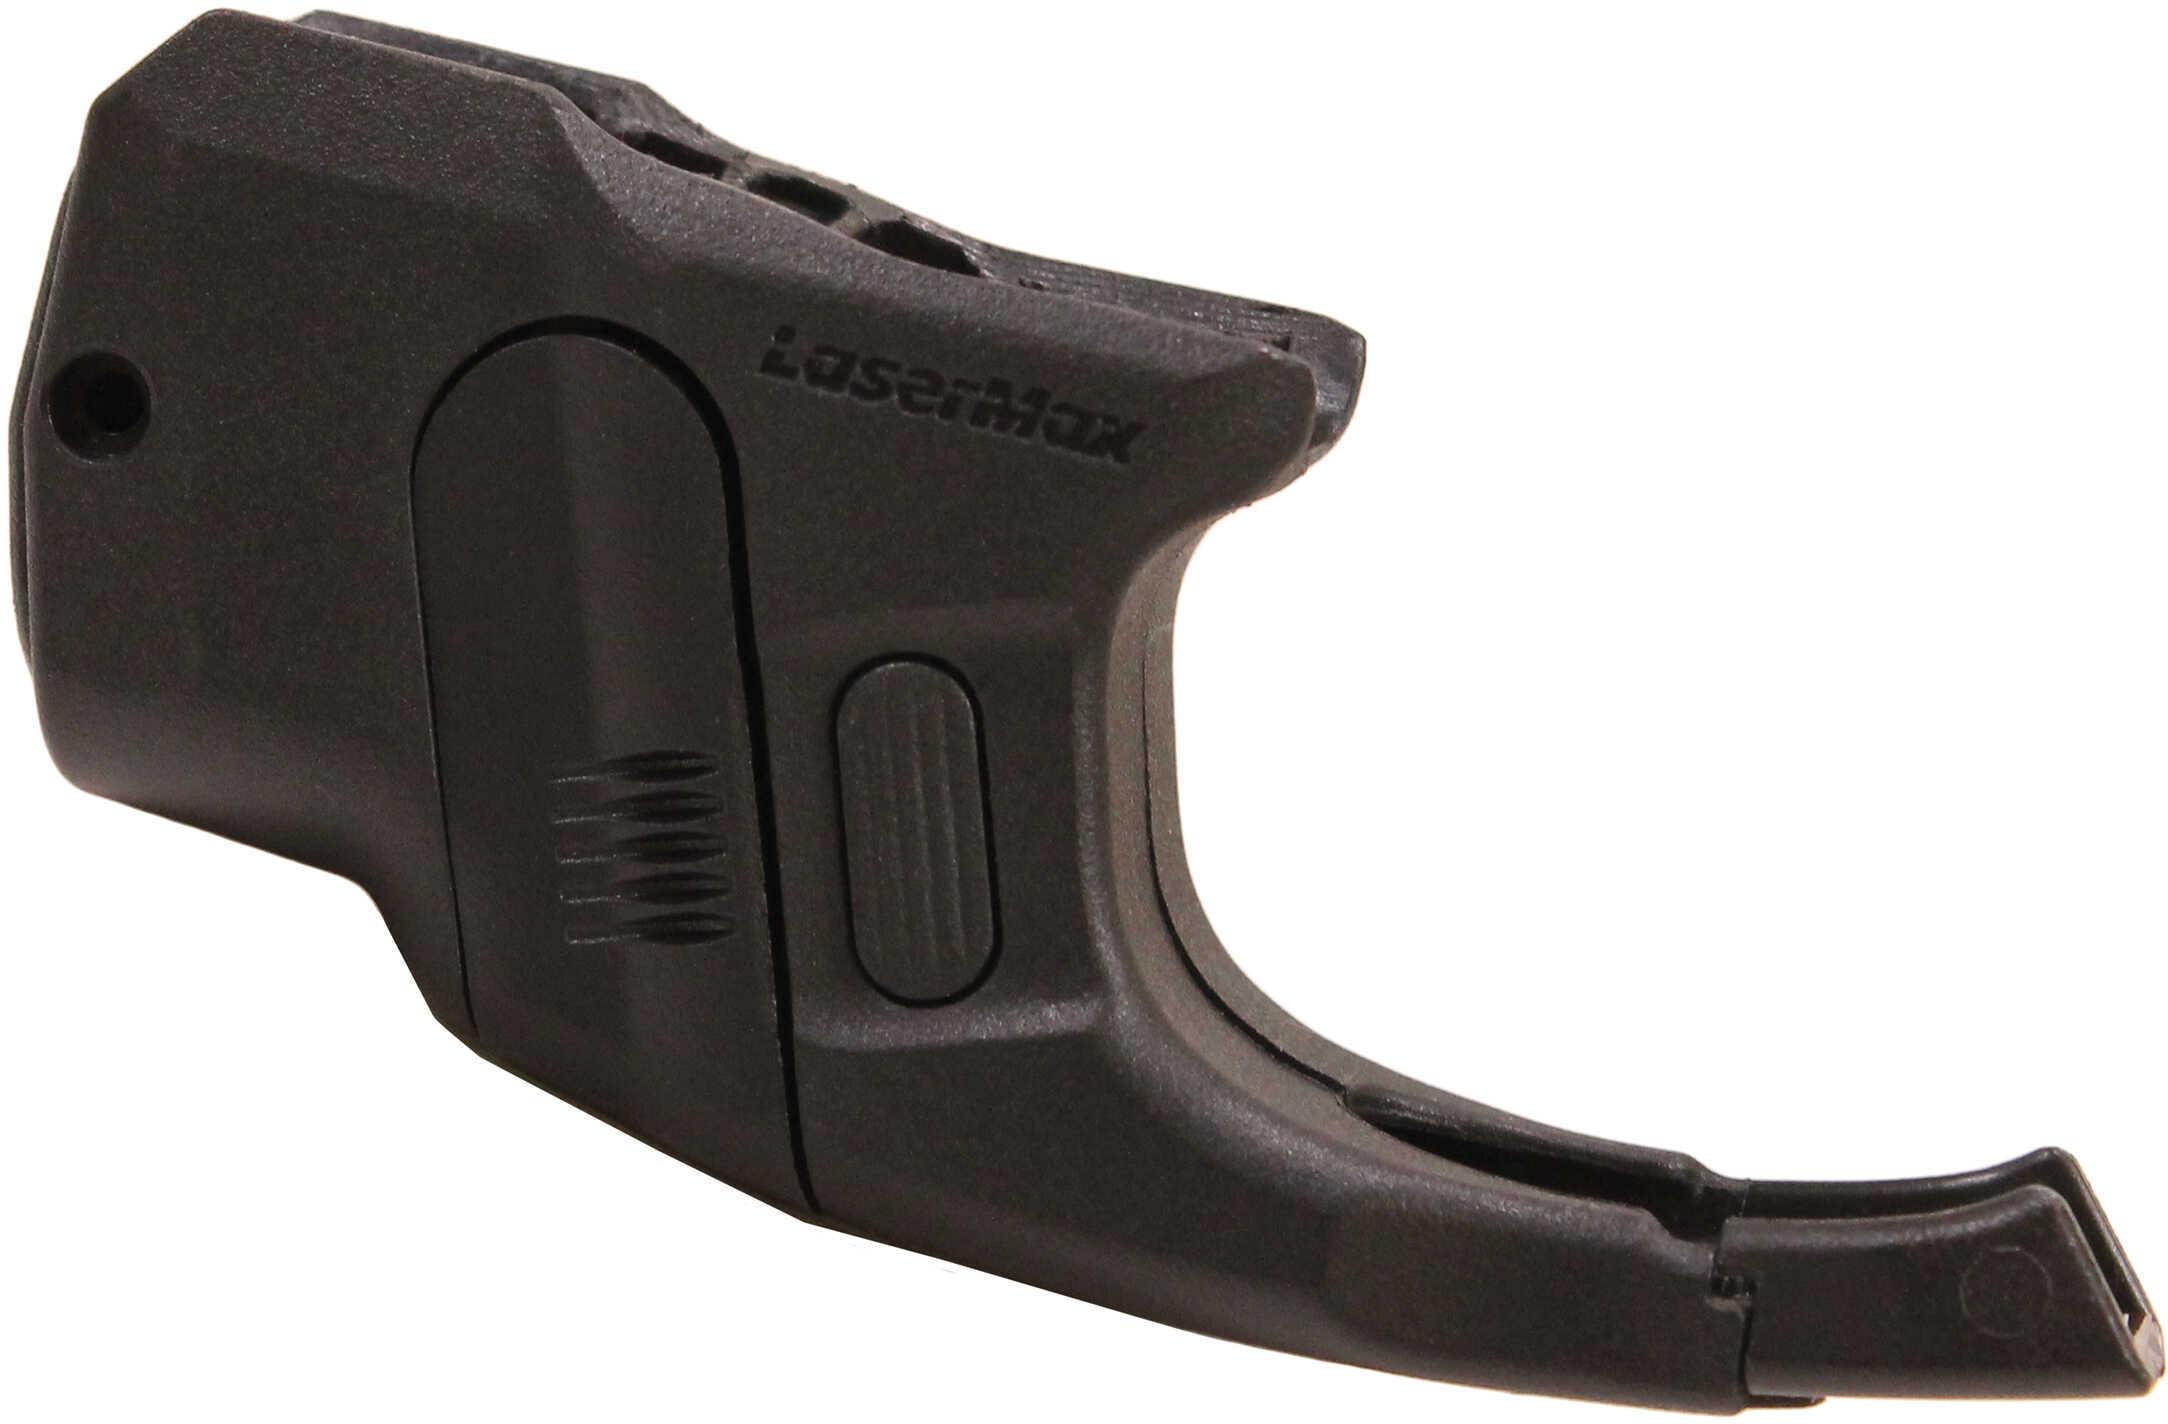 Lasermax Cf Light/Las Gr Combo S&W Shield 45